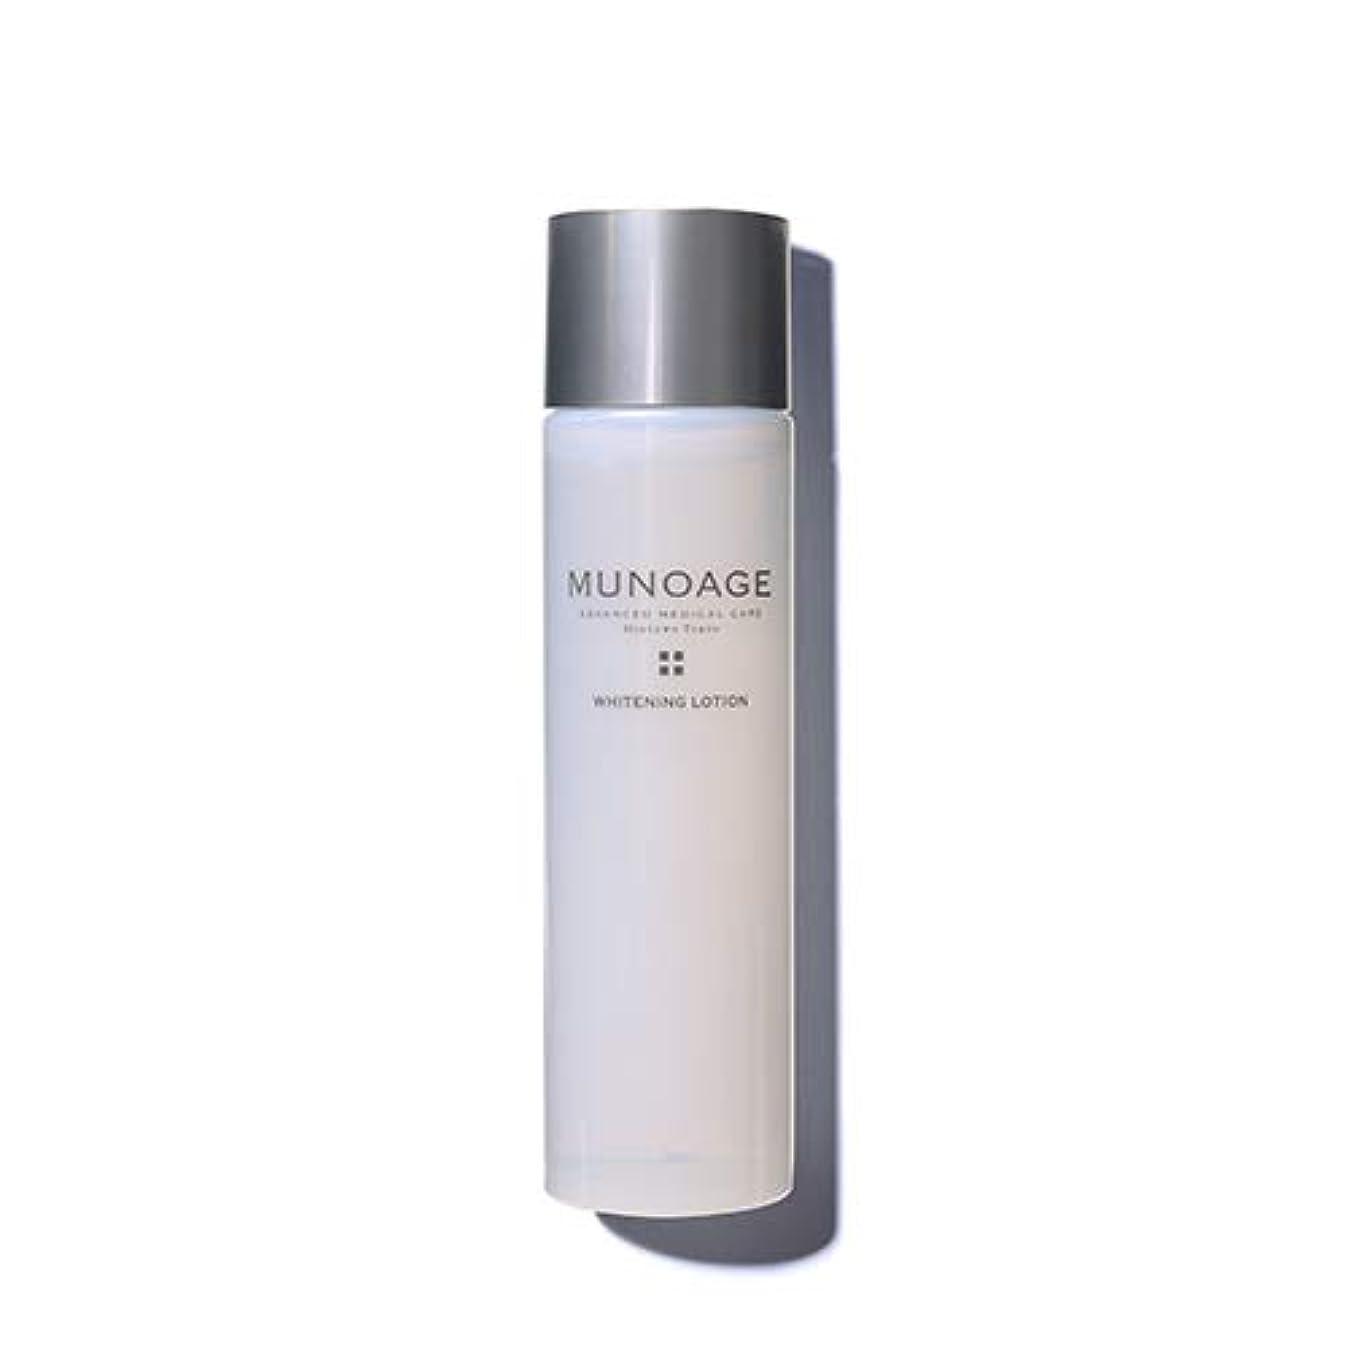 悪用レンダーカプラーMUNOAGE ホワイトニングローション 150ml【薬用美白化粧水】 さっぱりタイプ 透明感のある素肌へ ビタミンC 高保湿【お得な2個セット】